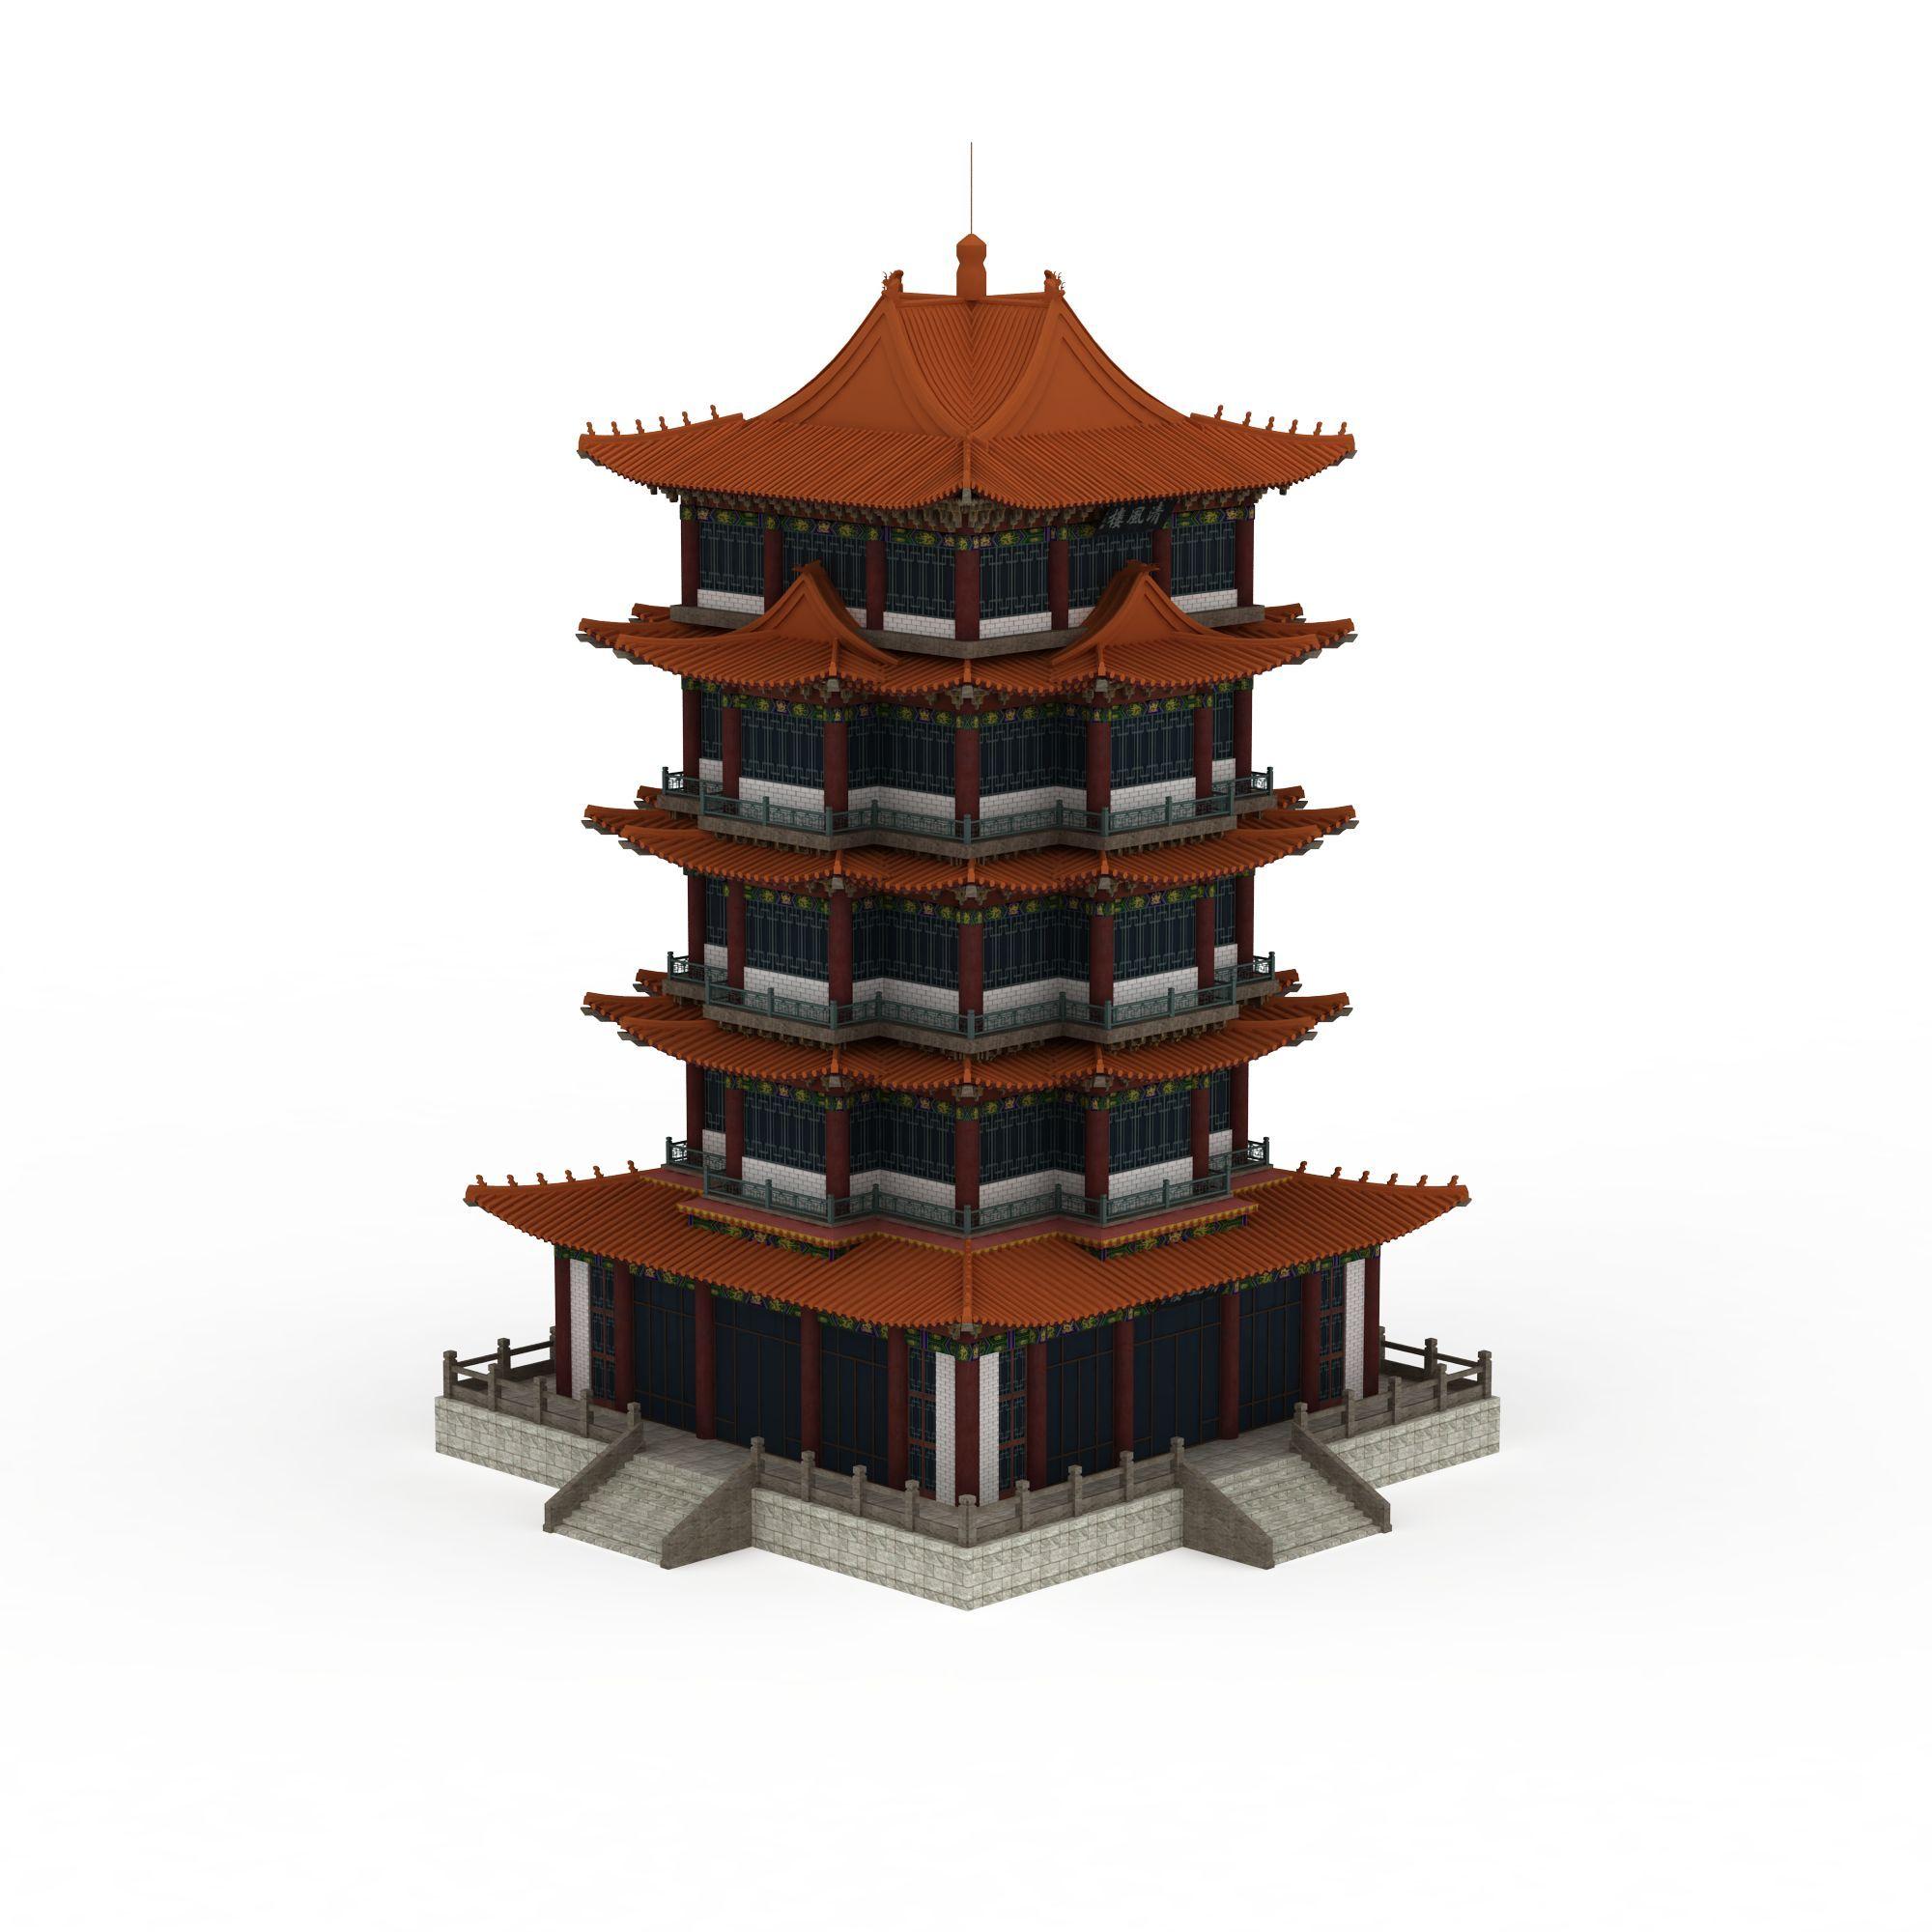 古代高层建筑图片_古代高层建筑png图片素材_古代高层